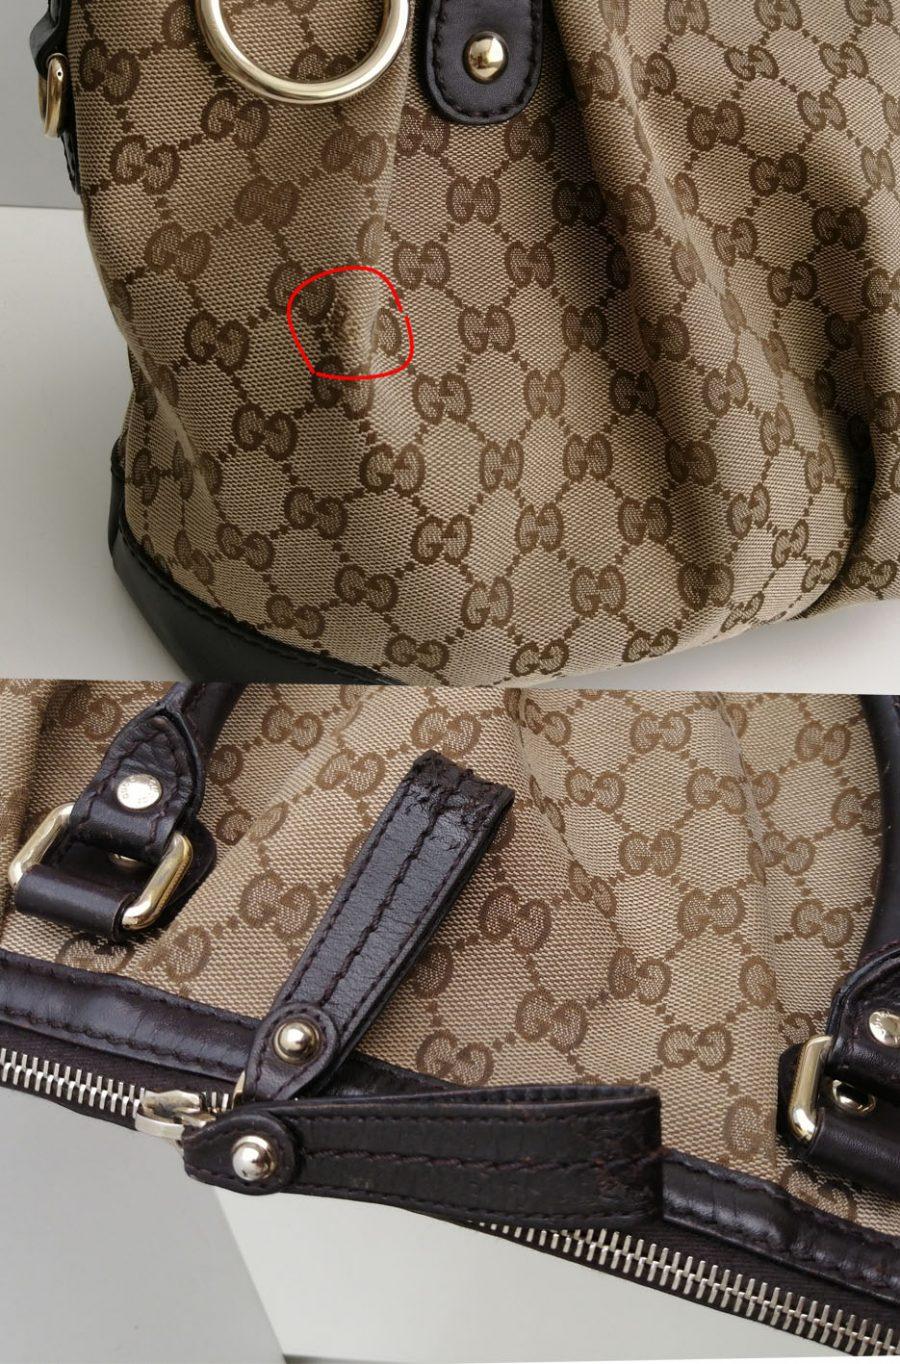 uperbe sac Gucci en très bon état, certifié Iconprincess, Icon princess